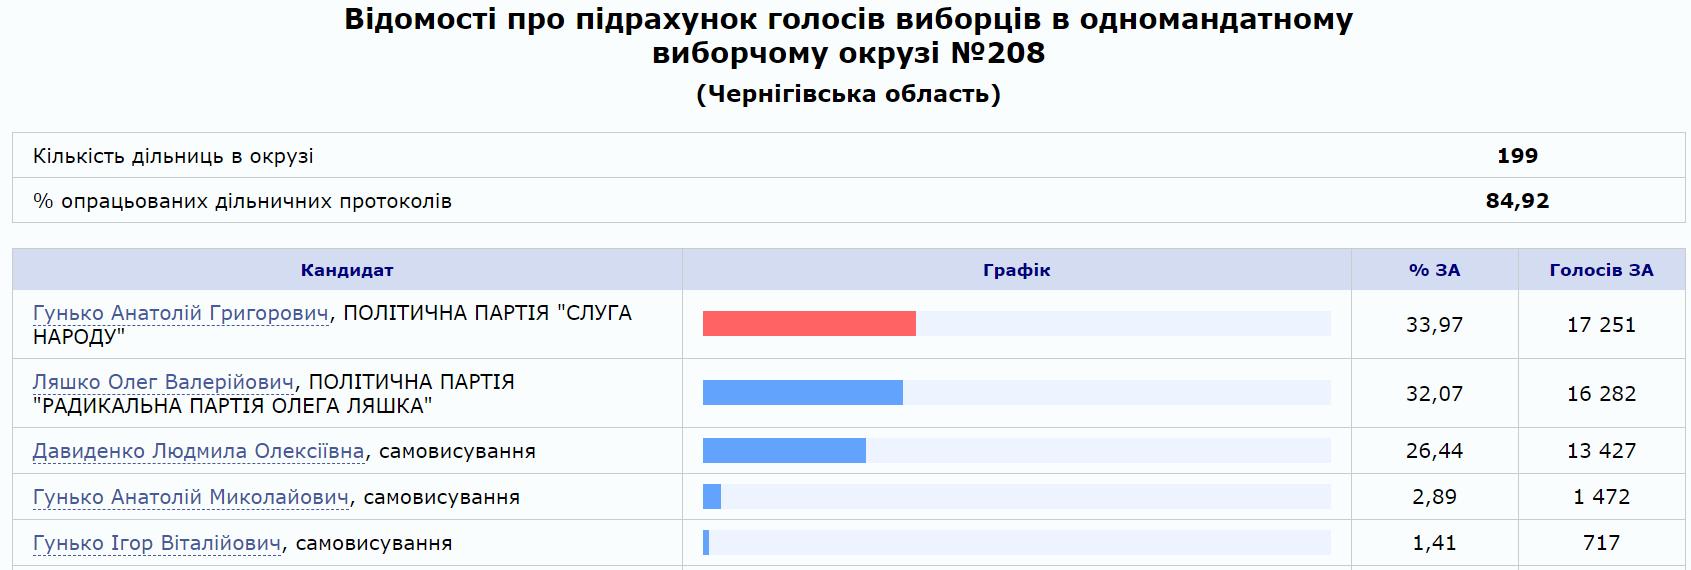 Данные ЦИК о подсчете голосов избирателей в округе №208 в Черниговской области после обработки 85,42% протоколов